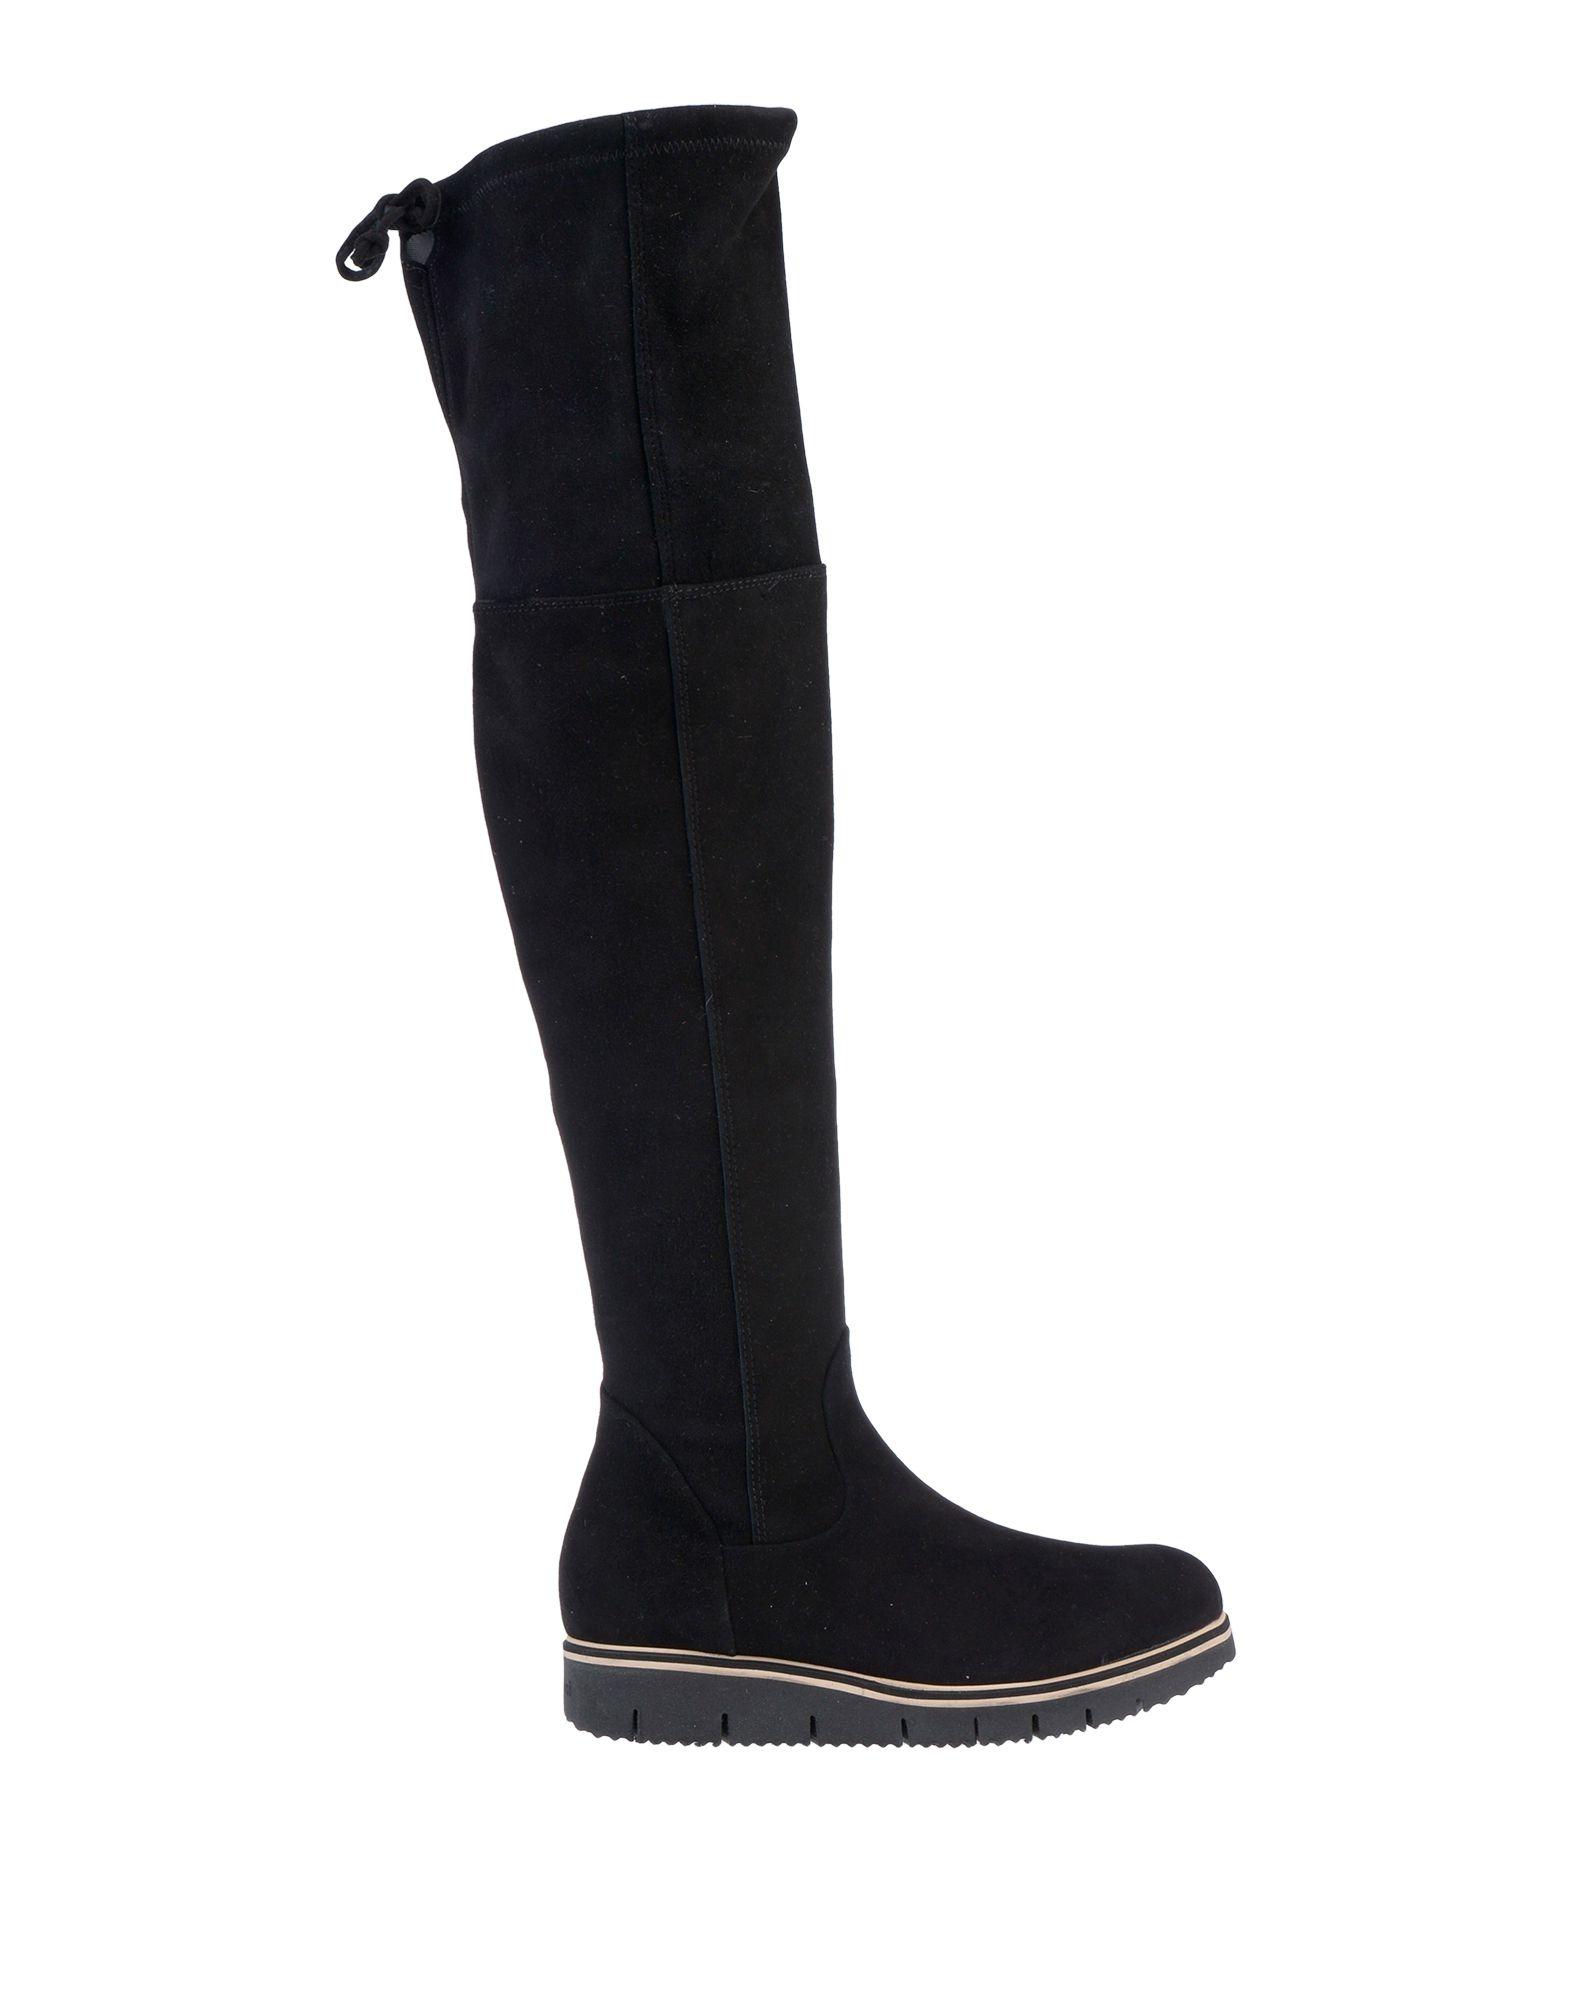 《送料無料》BALDININI TREND レディース ブーツ ブラック 37 革